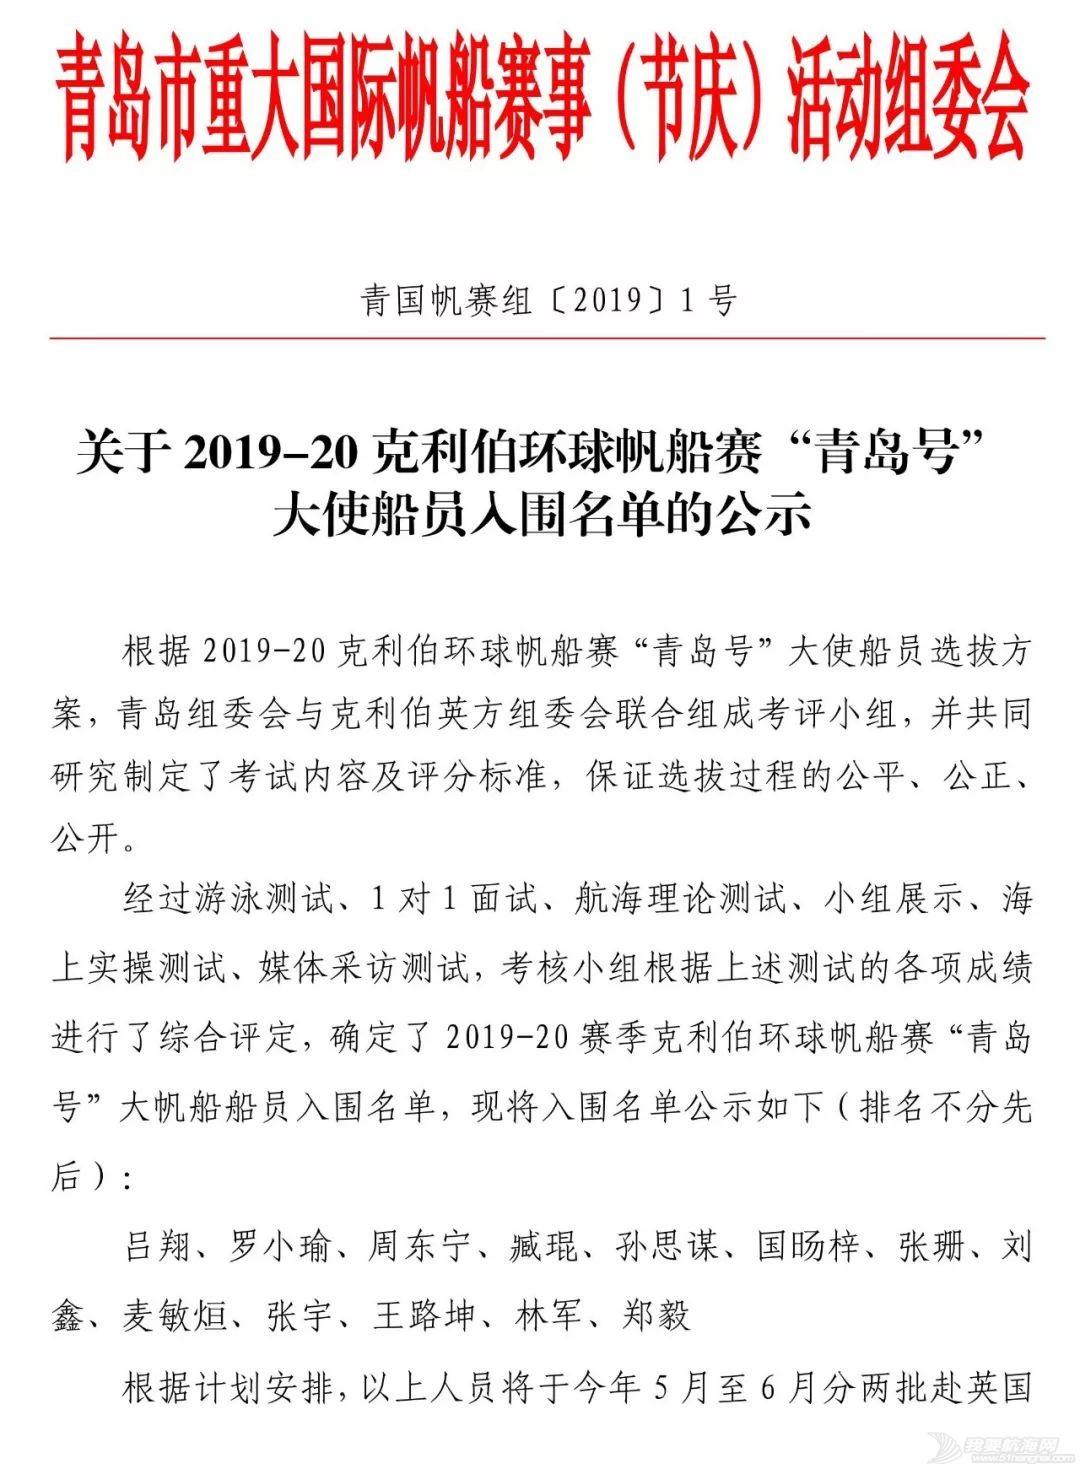 """关于2019/20克利伯环球帆船赛""""青岛号"""" 大使船员入围名单的公示w3.jpg"""